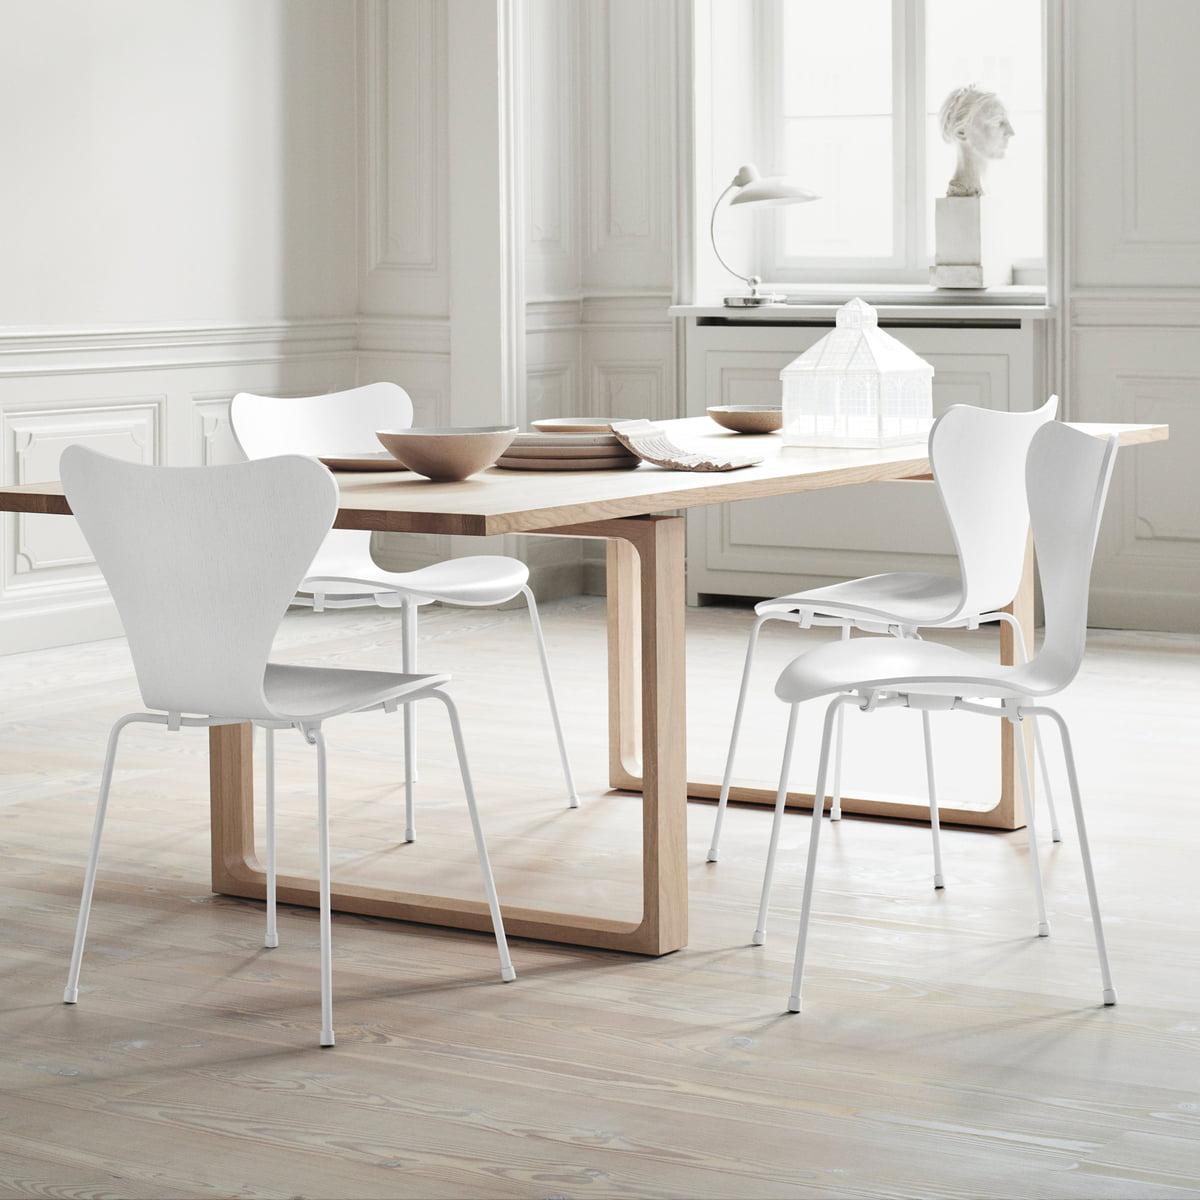 chaise monochrome série 7 de fritz hansen - Chaise Serie 7